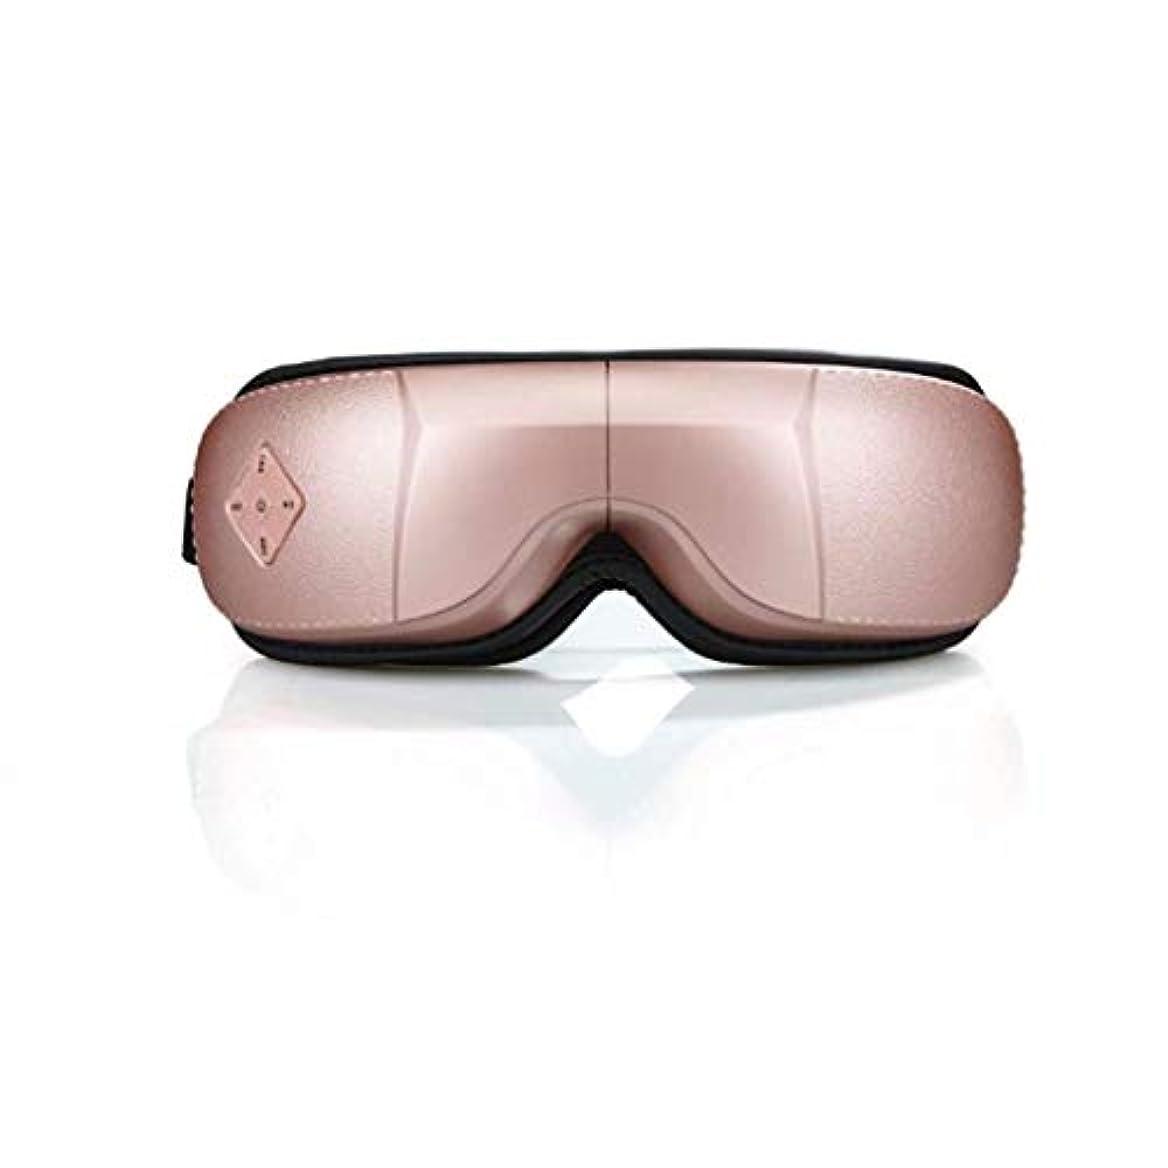 折り畳み式アイマッサージャー、充電式Bluetooth音楽マッサージャー、振動タッチモニターアイハイパーサーミアマッサージヘルスケアツール、アイバッグ、ダークサークル、頭痛緩和、睡眠改善